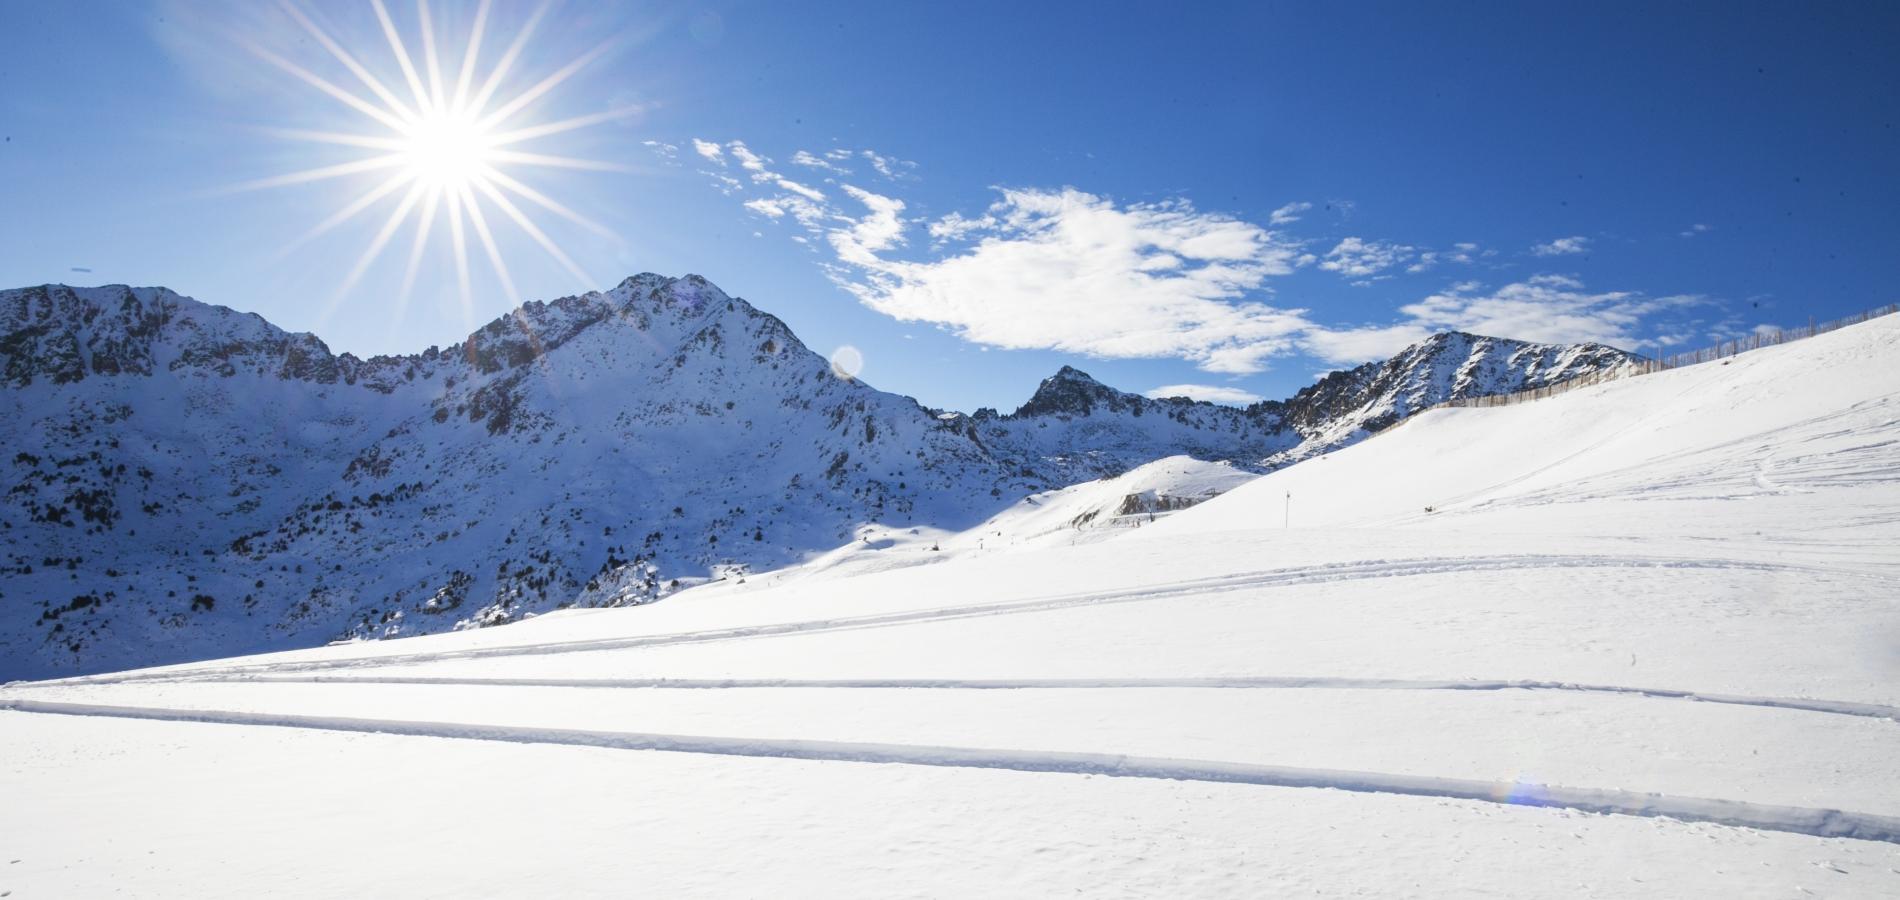 NOUVEAUTÉS DE L'ÉCOLE DE SKI ET DE SNOWBOARD  Top Race L'École de Ski et de Snowboard propose ce produit depuis déjà deux saisons, mais le centre du secteur de Grau Roig en propose désormais une nouvelle version. Ce produit s'adresse principalement aux skieurs ayant un profil technique élevé. En compagnie de l'ancien skieur alpin olympique Gerard Escoda, le client pourra profiter d'une demi-journée d'entraînement sur une piste spécialement conçue le slalom et le slalom géant. Grandvalira Mountain Guides Le ski de montagne arrive secteur du Pas-de-la-Case avec l'inauguration du premier circuit de cette modalité dans la zone des Isards. Ce nouveau circuit, parfaitement balisé, réunit toutes les conditions de sécurité et s'ajoute aux 5 autres circuits qui parcourent Grandvalira : 4 dans le secteur de Grau Roig et 1 dans celui d'El Tarter.  Nouveau produit Les clients les plus intrépides avides de nouveaux défis pourront suivre les nouveaux cours officiels « Corona els teus cims » ; ils consistent à établir un calendrier d'entraînements pour pouvoir atteindre différents sommets d'Andorre. Les clients pourront profiter d'un total de 6 circuits adaptés selon différents niveaux et pourront décider, à partir d'un programme d'entraînements avec des instructeurs titulaires et des guides de haute montagne, lequel s'ajuste le mieux à leurs capacités techniques. École pour enfants Le secteur de Grau Roig a divisé le jardin de neige en trois zones correspondant au processus évolutif de l'enfant lors de son apprentissage. Le jardin de neige de l'École de Ski et de Snowboard du secteur d'El Tarter étend également sa surface skiable, de même que la garderie de thématique du Bababoom Circus. Amélioration des installations des écoles Les installations de l'École de Ski et de Snowboard du secteur de Grau Roig sont améliorées pour favoriser l'accès, le confort et les facilités de souscription des produits, le tout grâce aux travaux d'agrandissement et de réaménagement de la réception. L